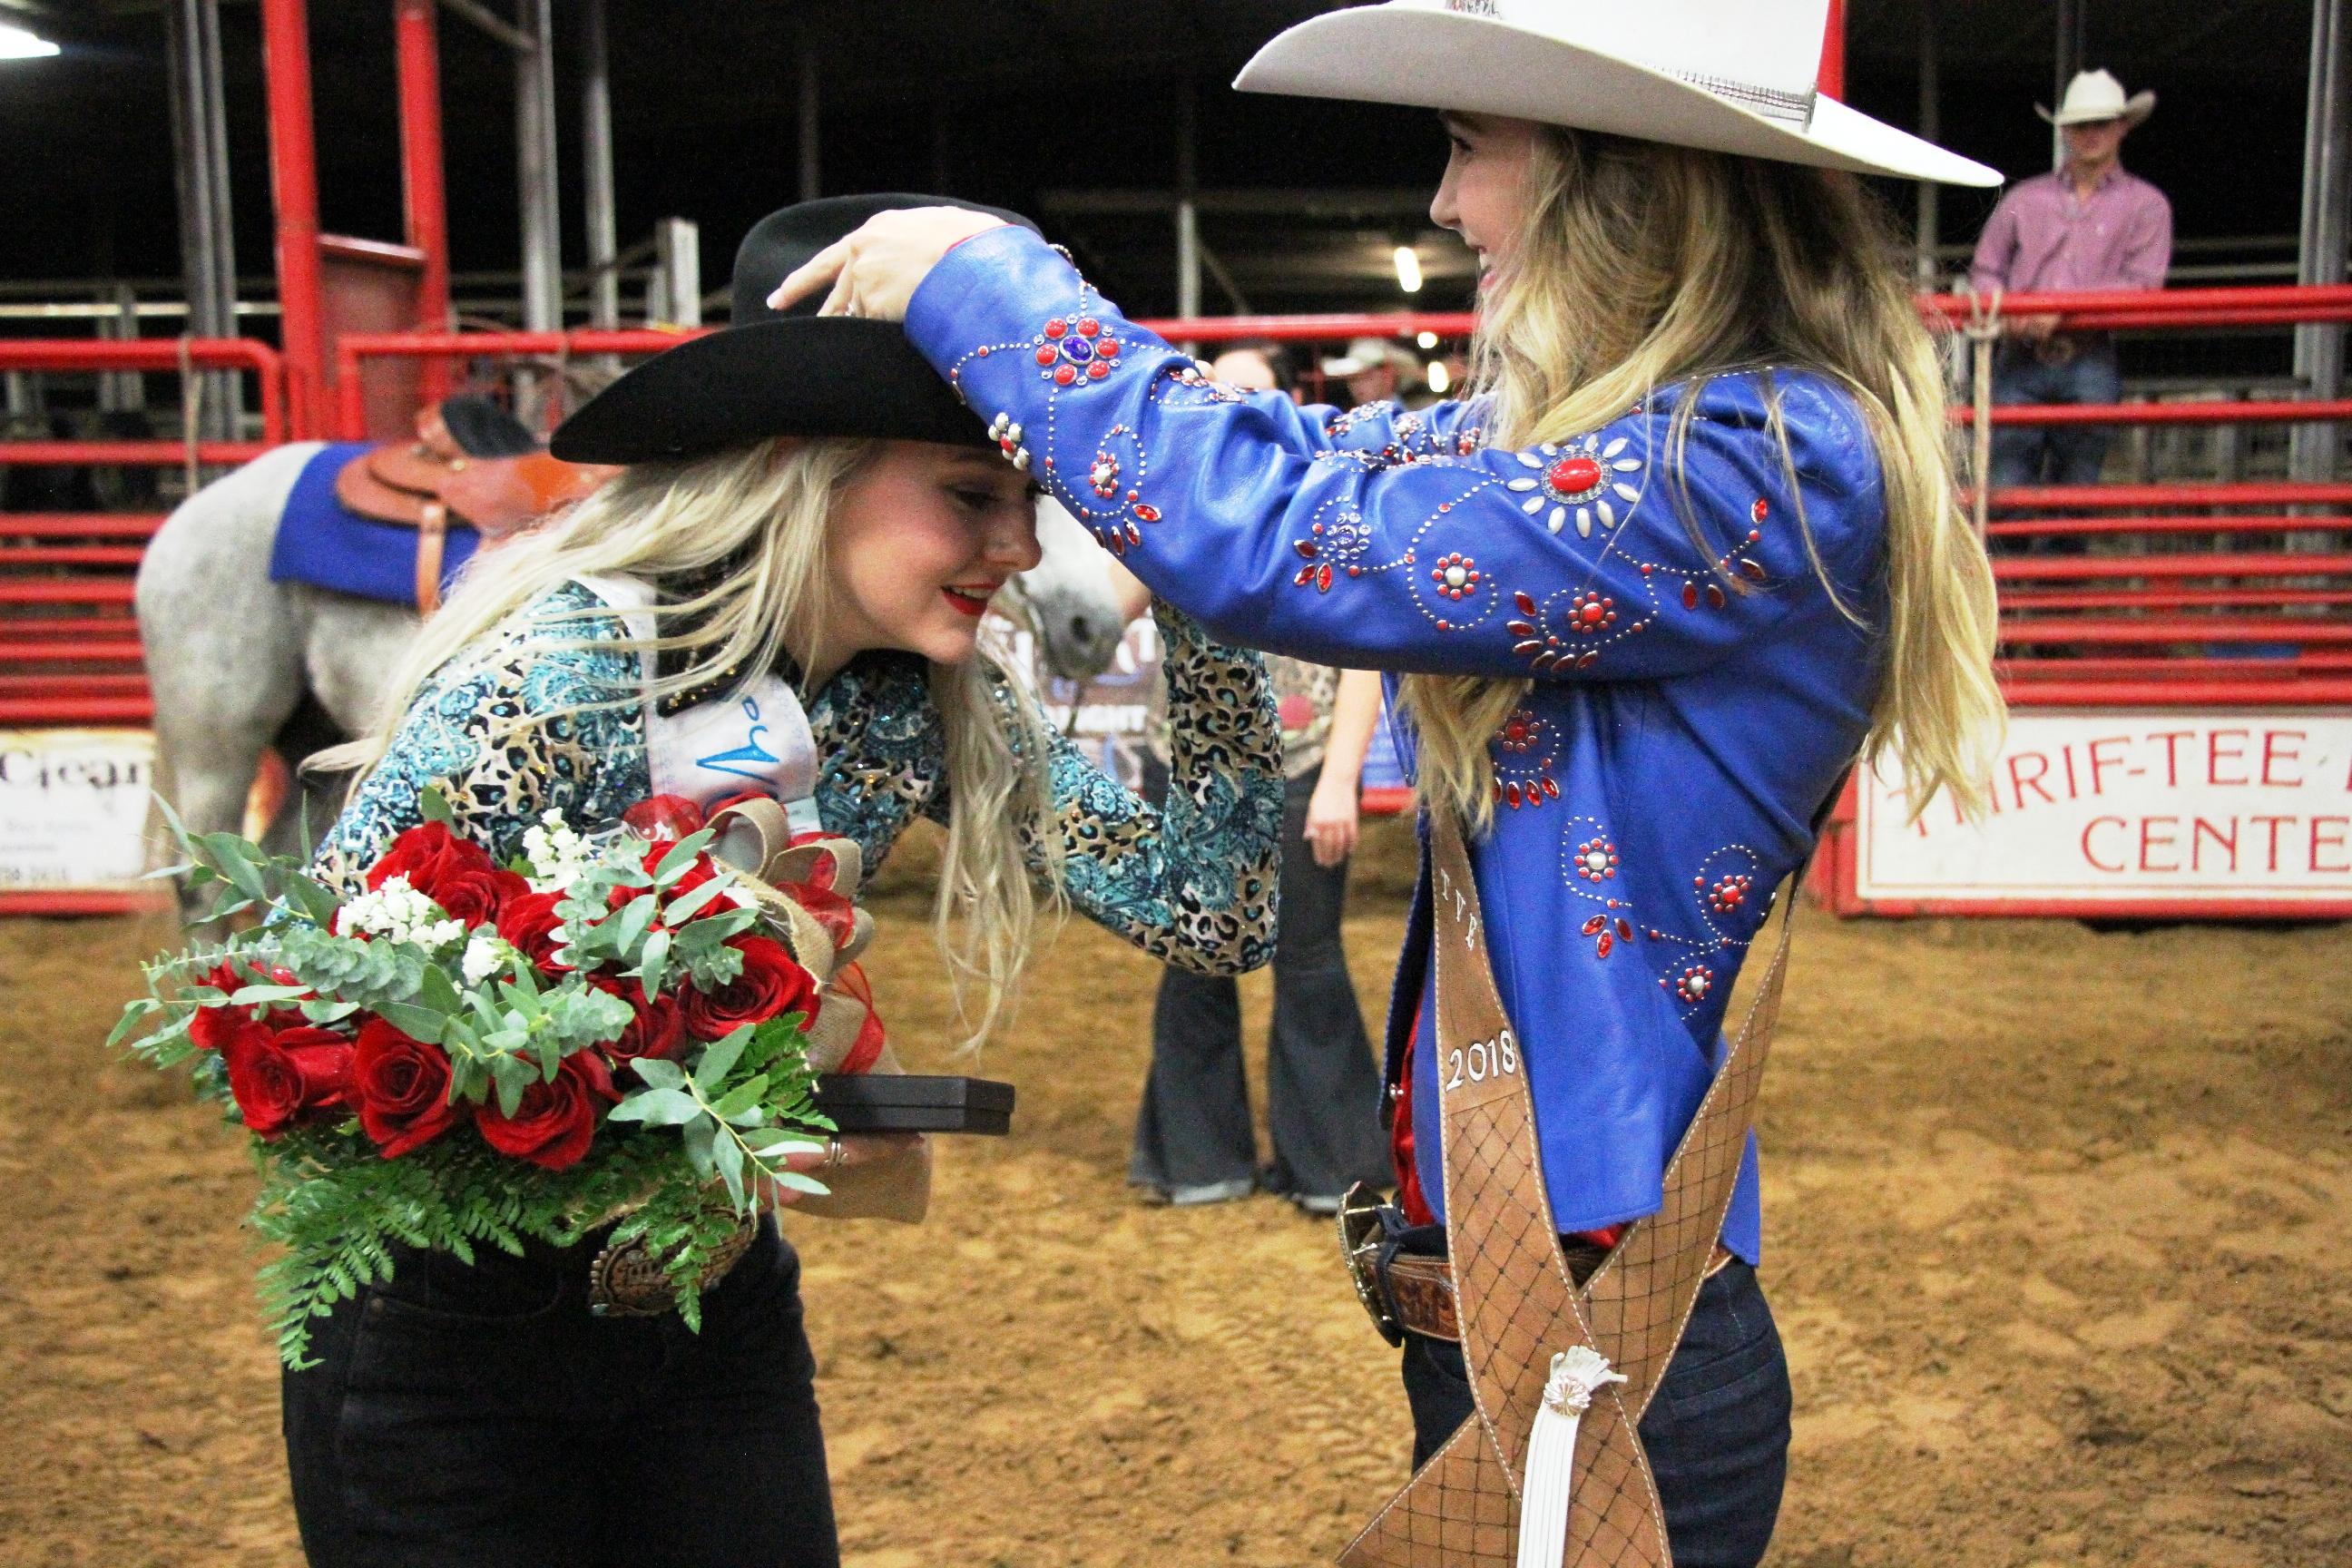 Tve Crowns New Rodeo Queen Bluebonnet News